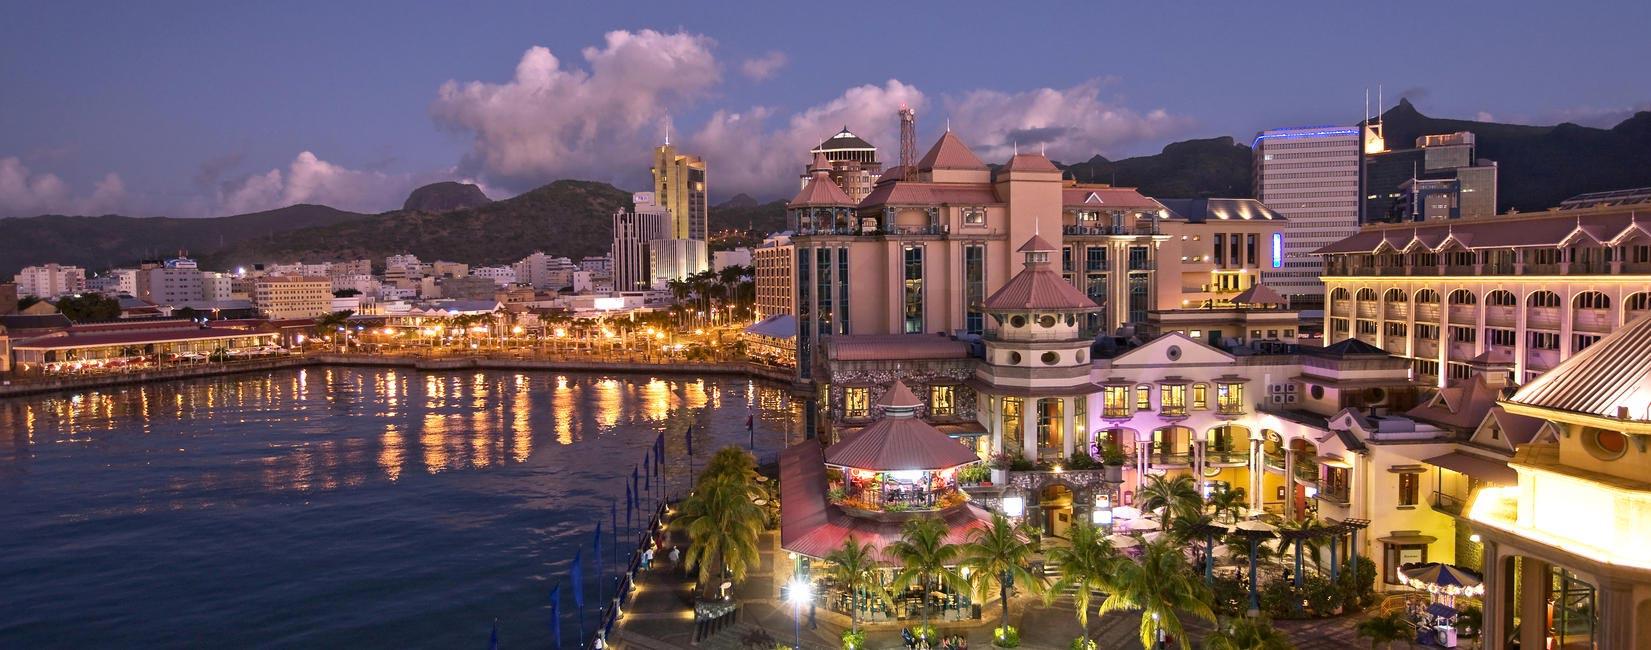 Port Louis - Capital City, Picture Courtesy Mauritius tourism promotion authority